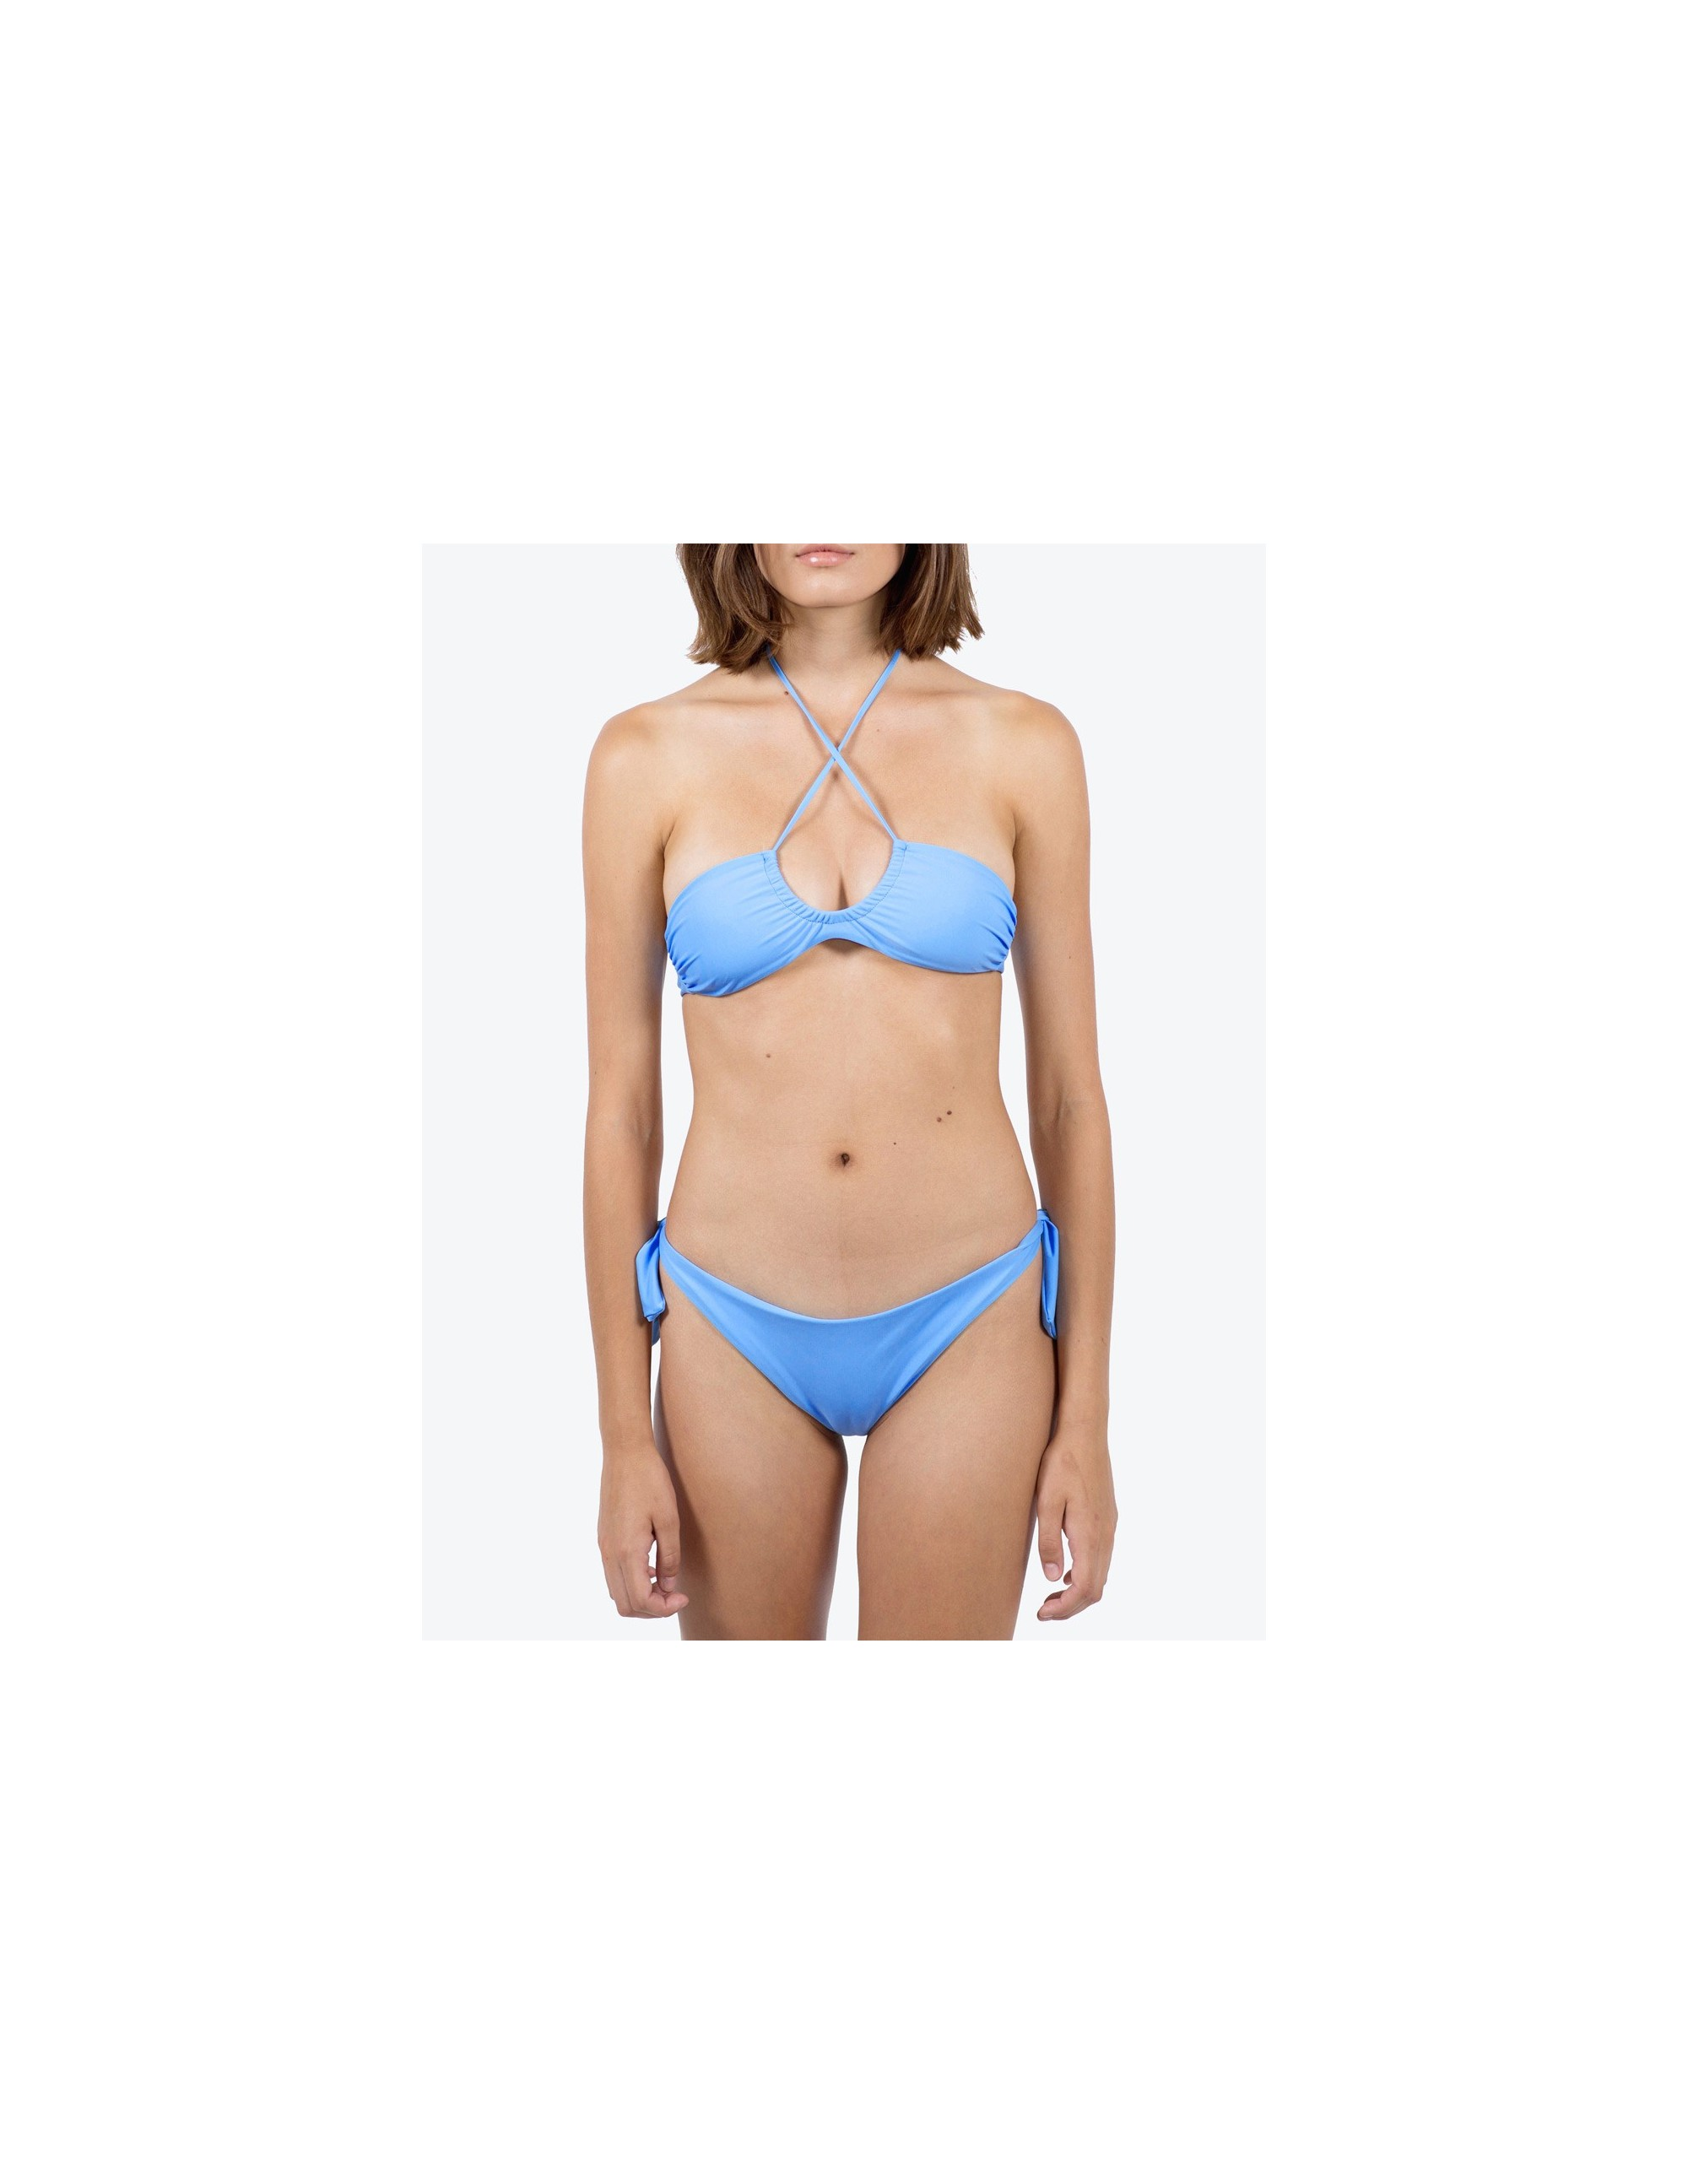 URSA bikini top - SKY BLUE